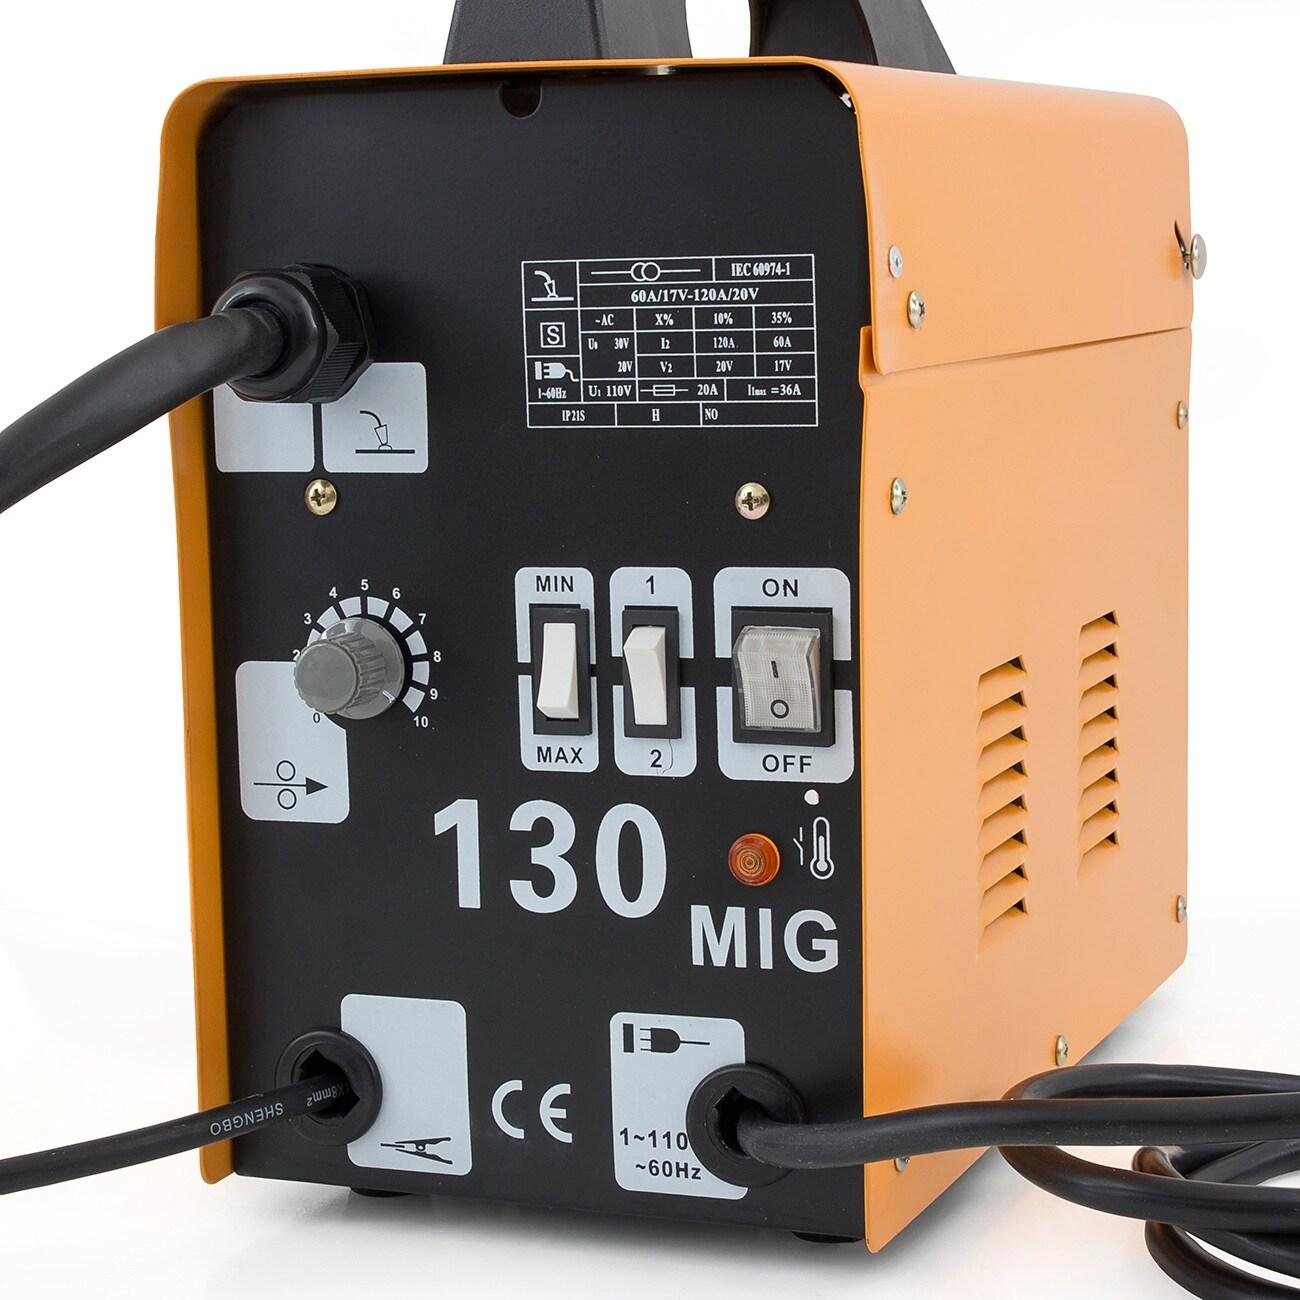 Shop Arksen MIG-130 Gas-Less Flux Core Wire Welder Welding Machine ...